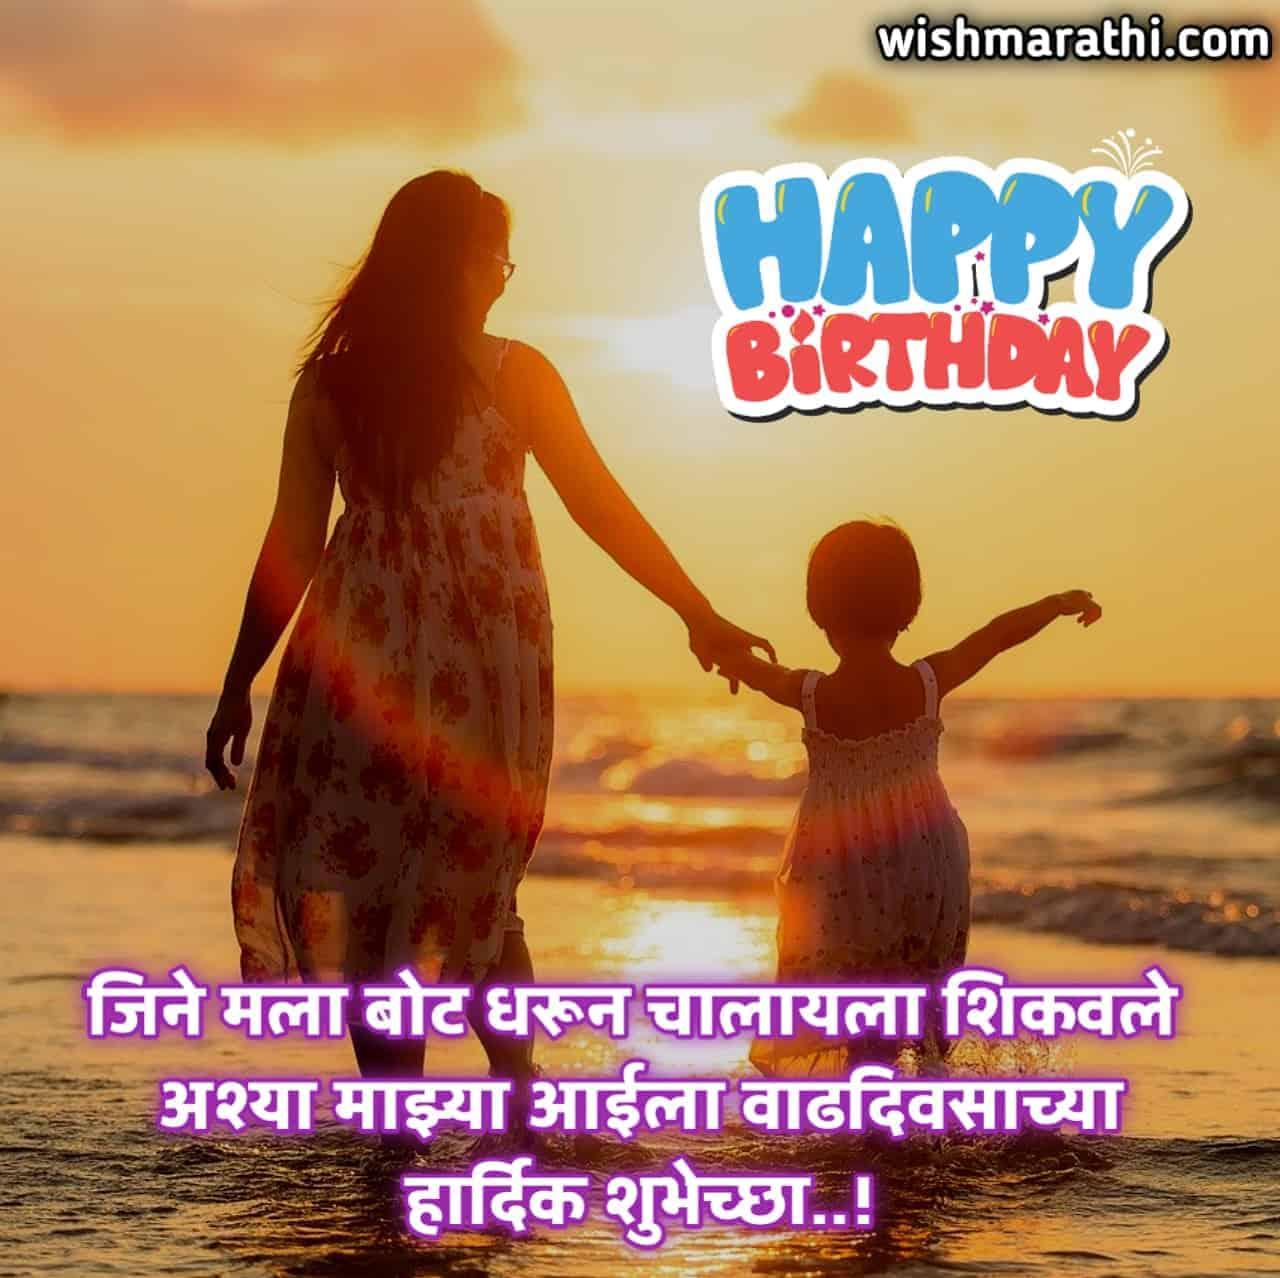 आईला वाढदिवसाच्या शुभेच्छा मराठी